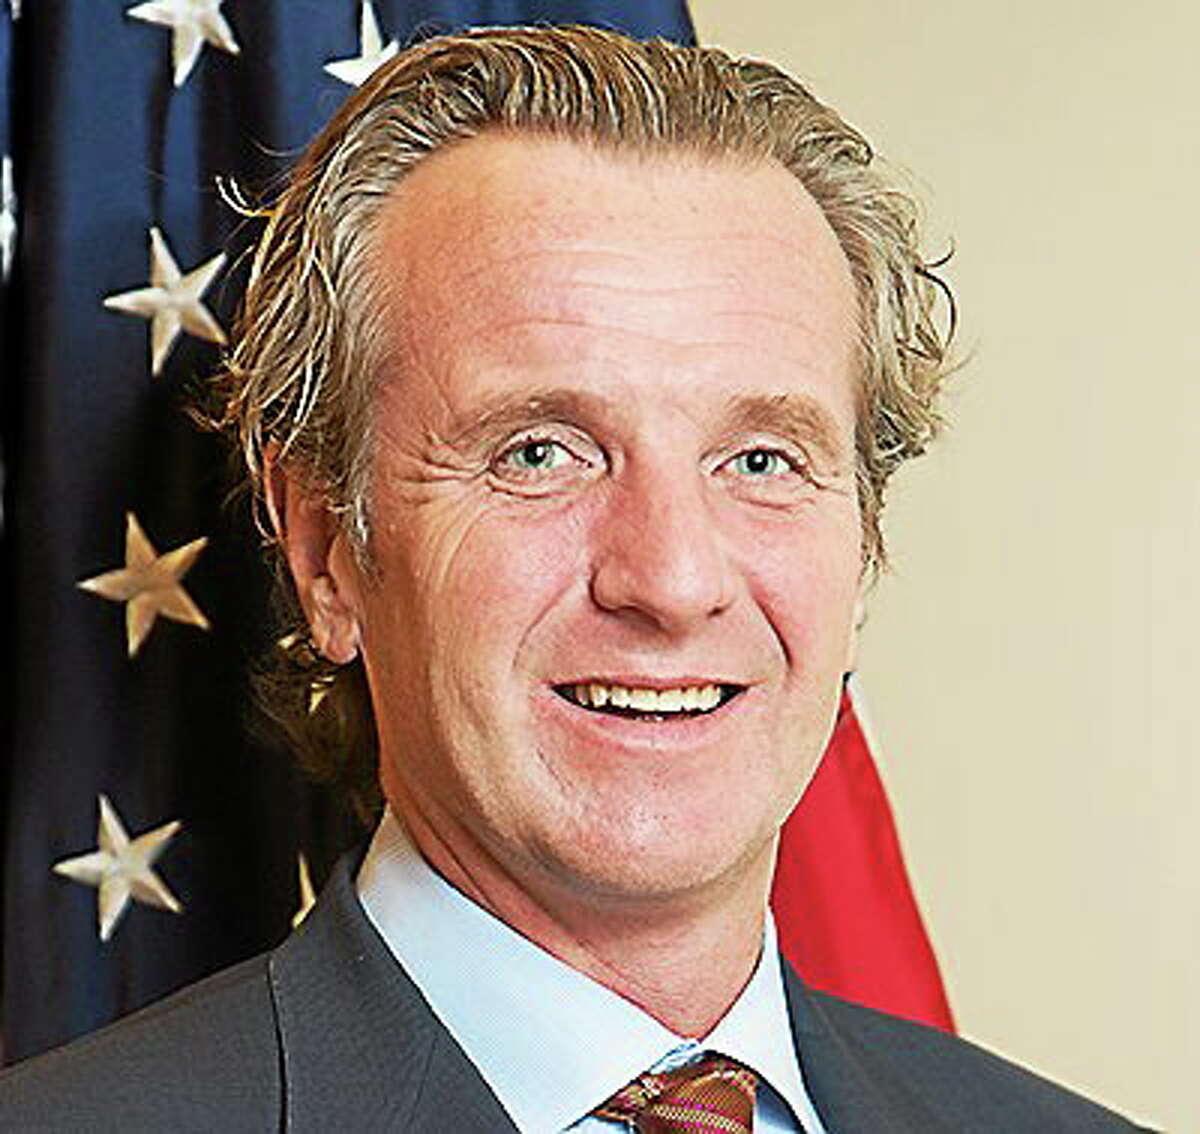 Former Alder Michael Stratton